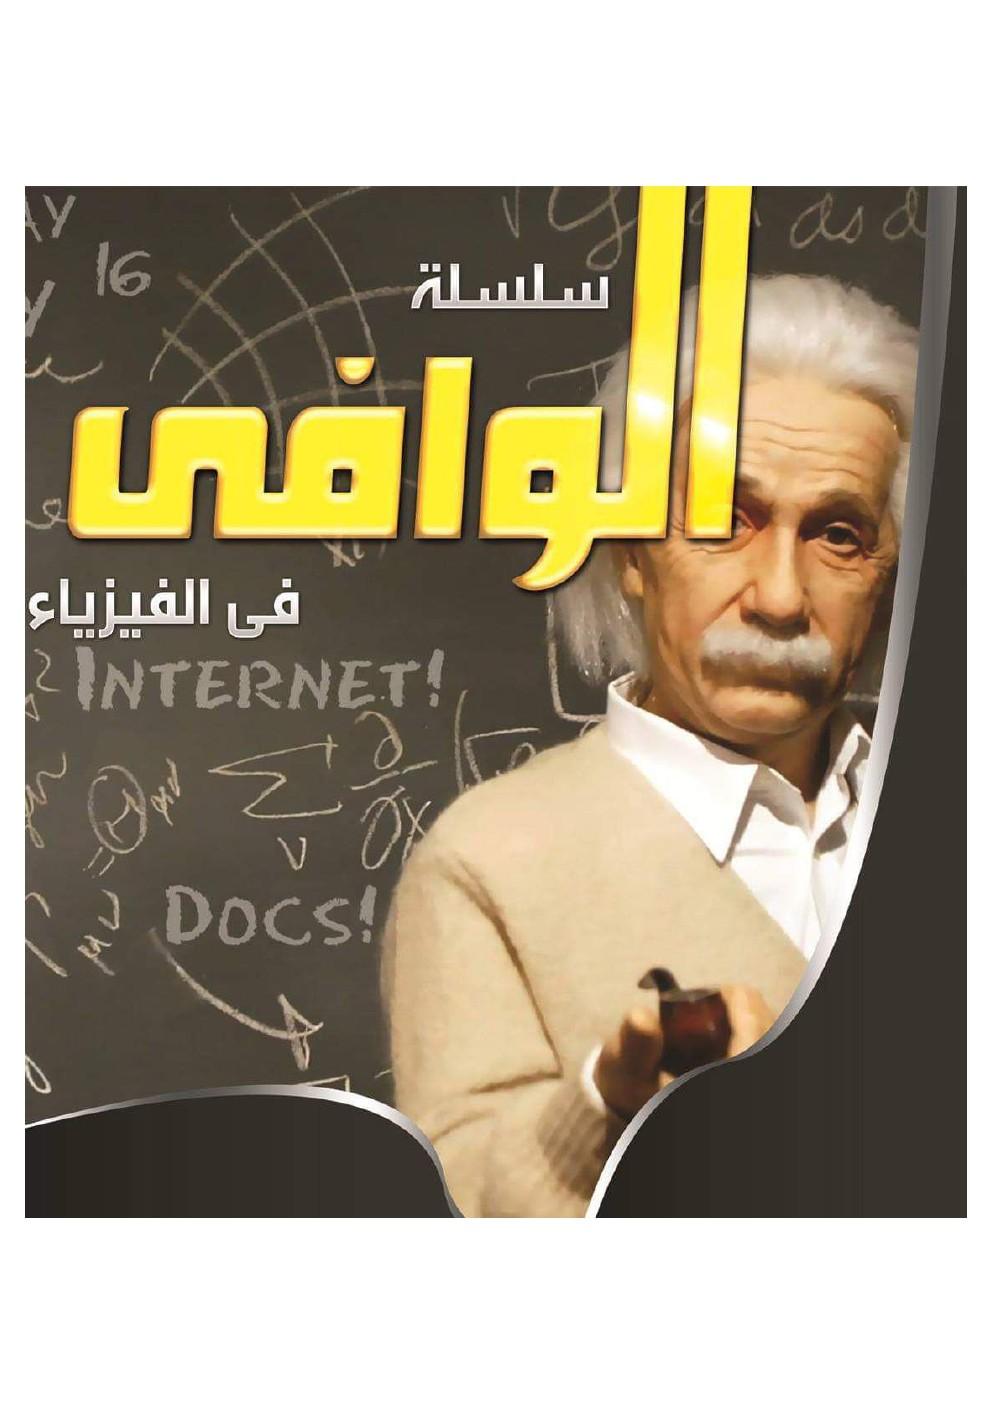 مراجعة الوافي فى الفيزياء للصف الثالث الثانوى 2021 (أقوى مراجعة على الفصل الأول والثانى )